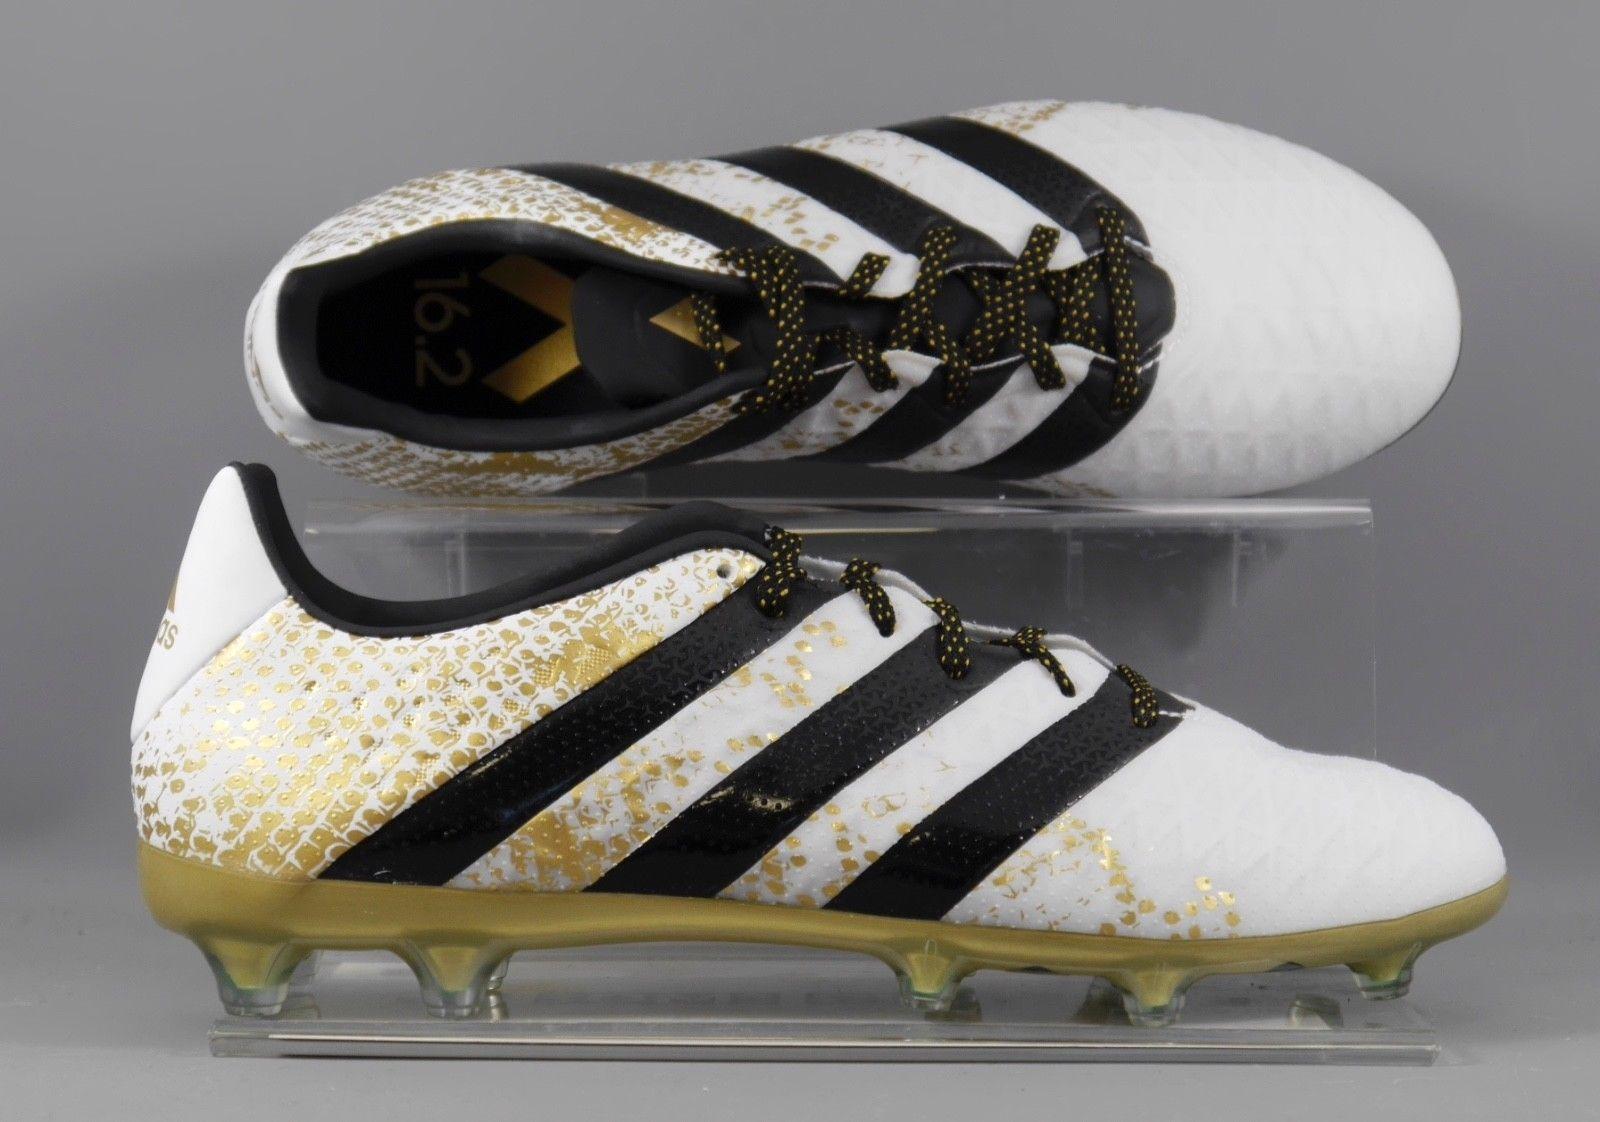 S31889 Adidas ACE FG/ S31889 AG 12682 botas FG de fútbol de tierra firme de la tierra 769e1f7 - rogvitaminer.website